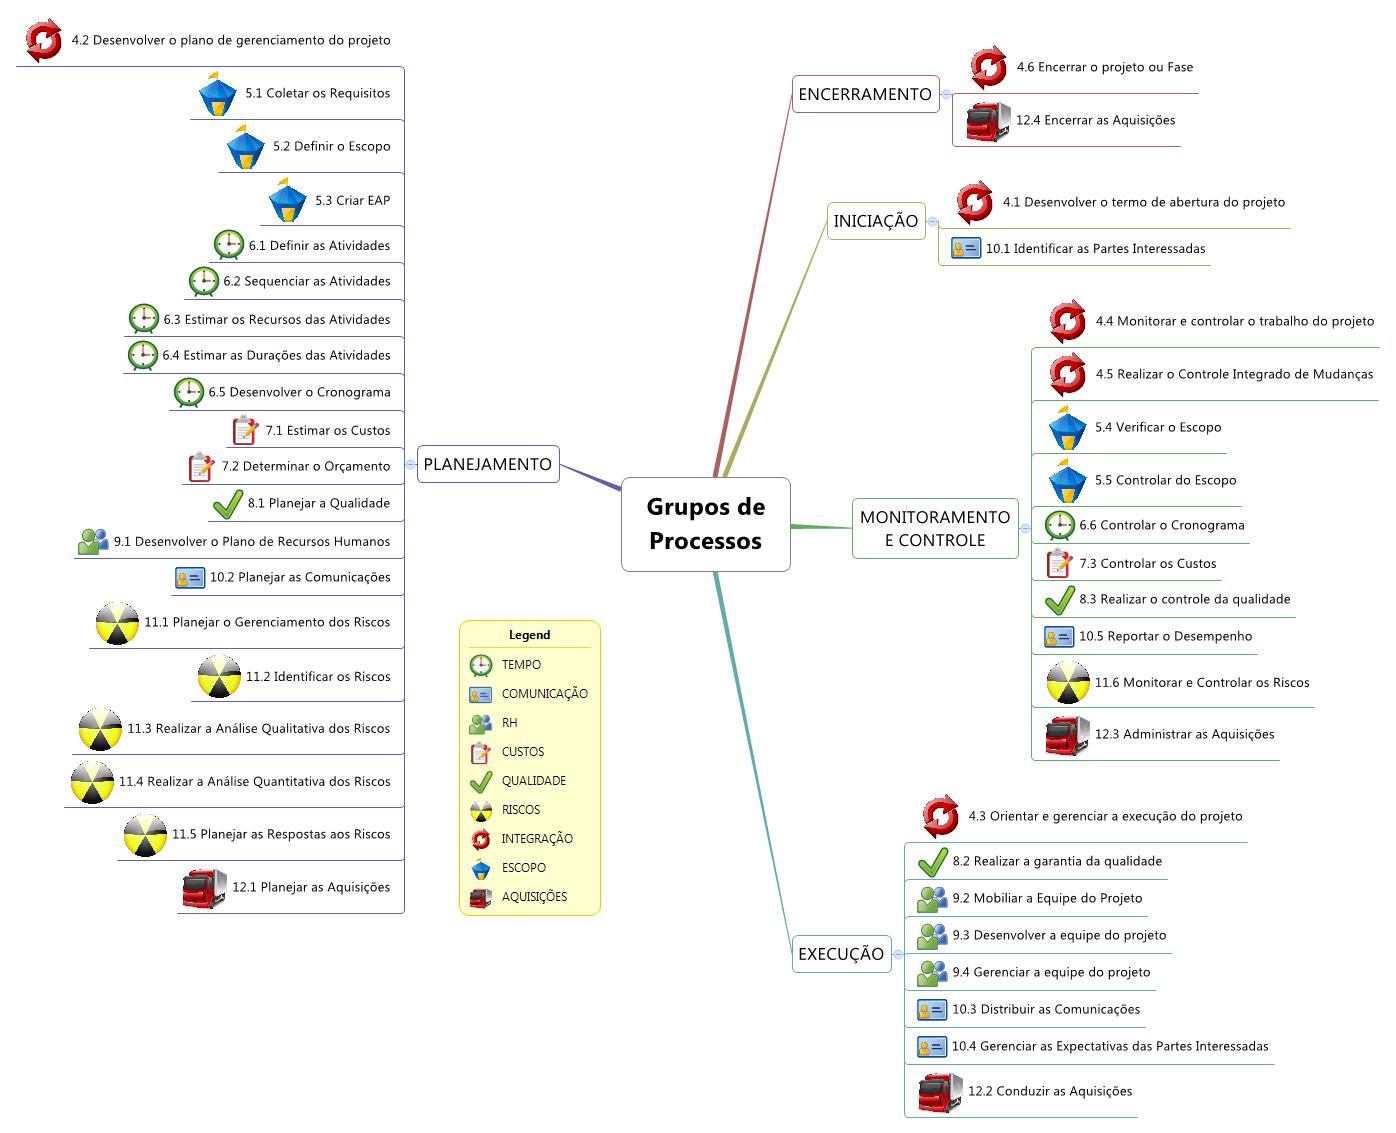 Mapa Mental de Gerenciamento de Projetos - Grupos de Processos